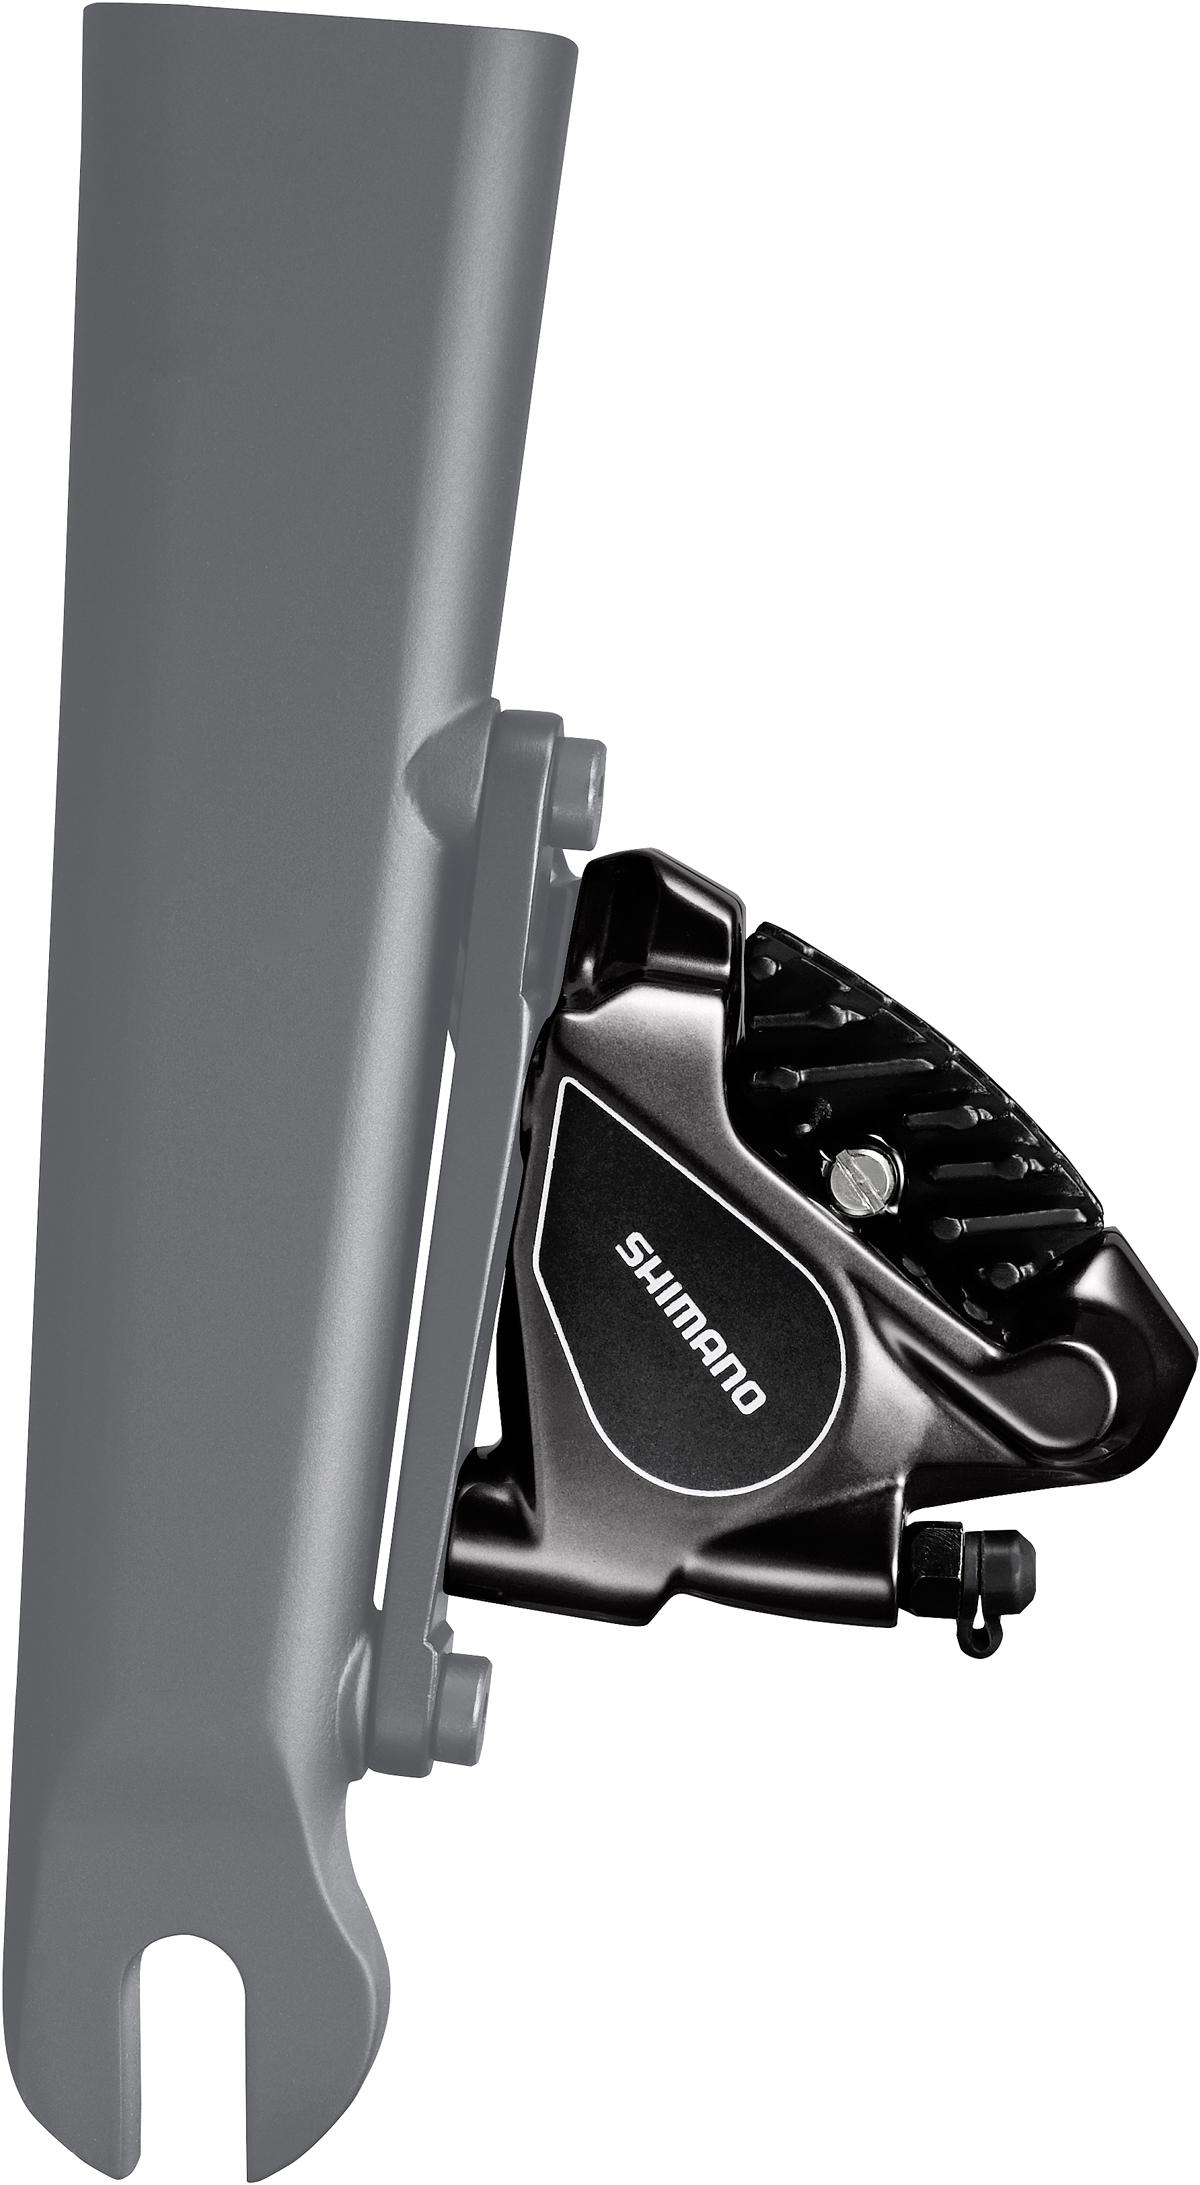 SHIMANO brzda Sil-ostatní BR-RS805 kotouč přední hydraul třmen polymer + chladič FLAT MOUNT